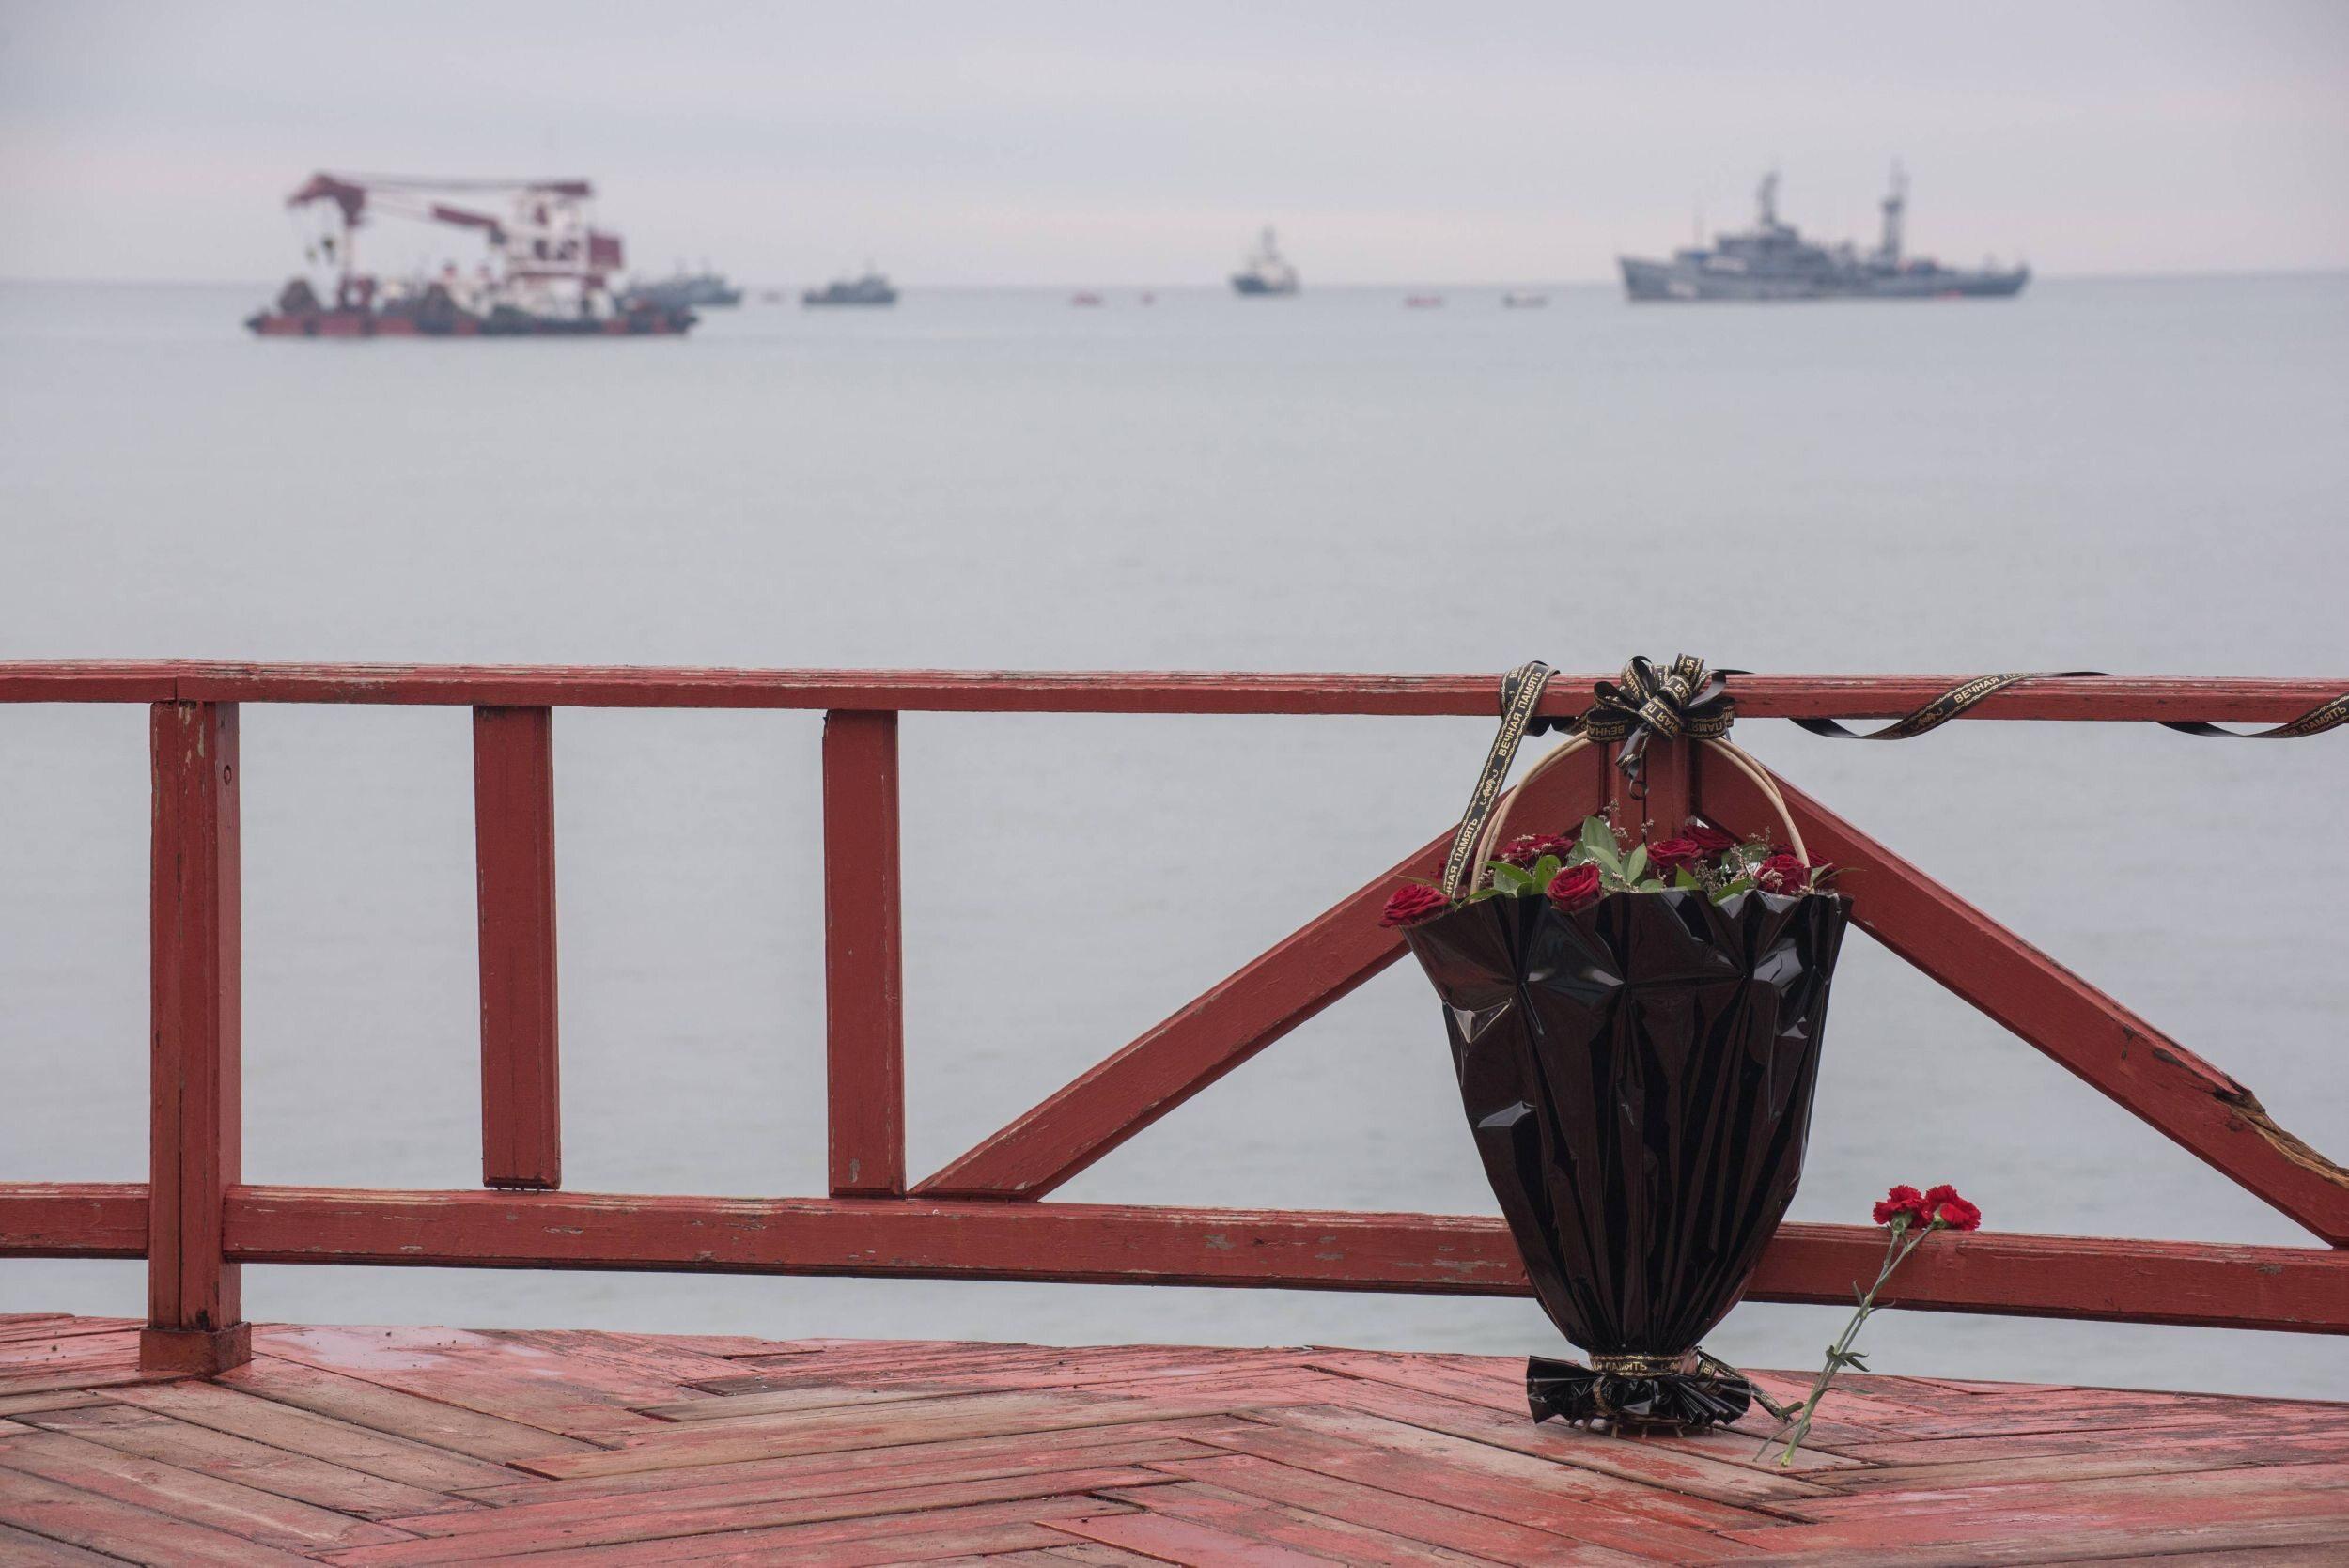 Poszukiwania szczątków ofiar i fragmentów Tu-154 w Morzu Czarnym